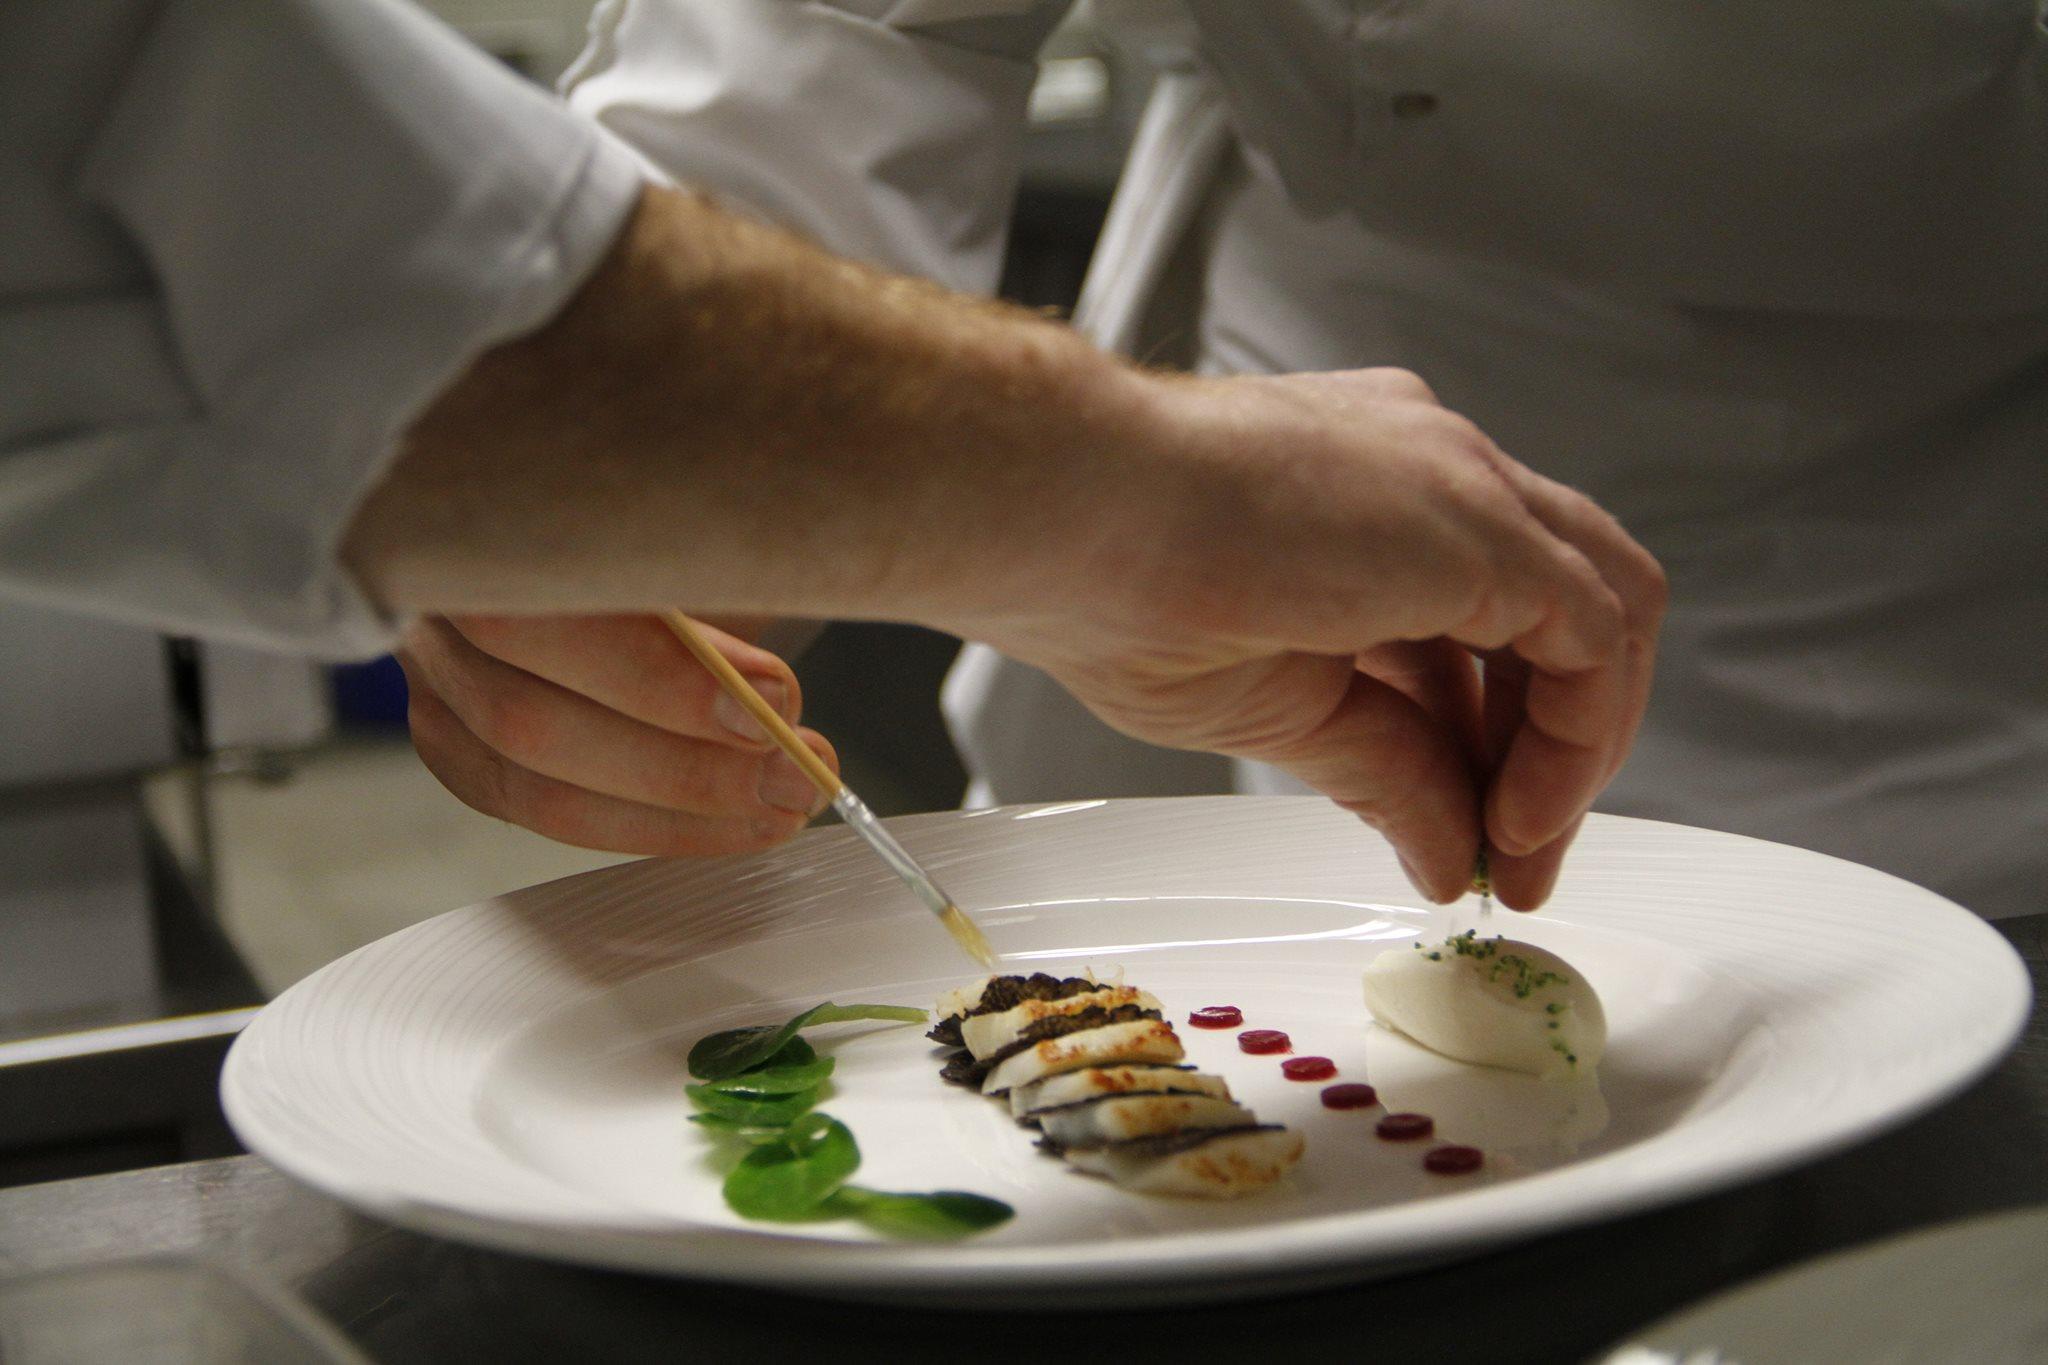 H tel royal recrute commis de cuisine d tails de l for Recherche commis de cuisine